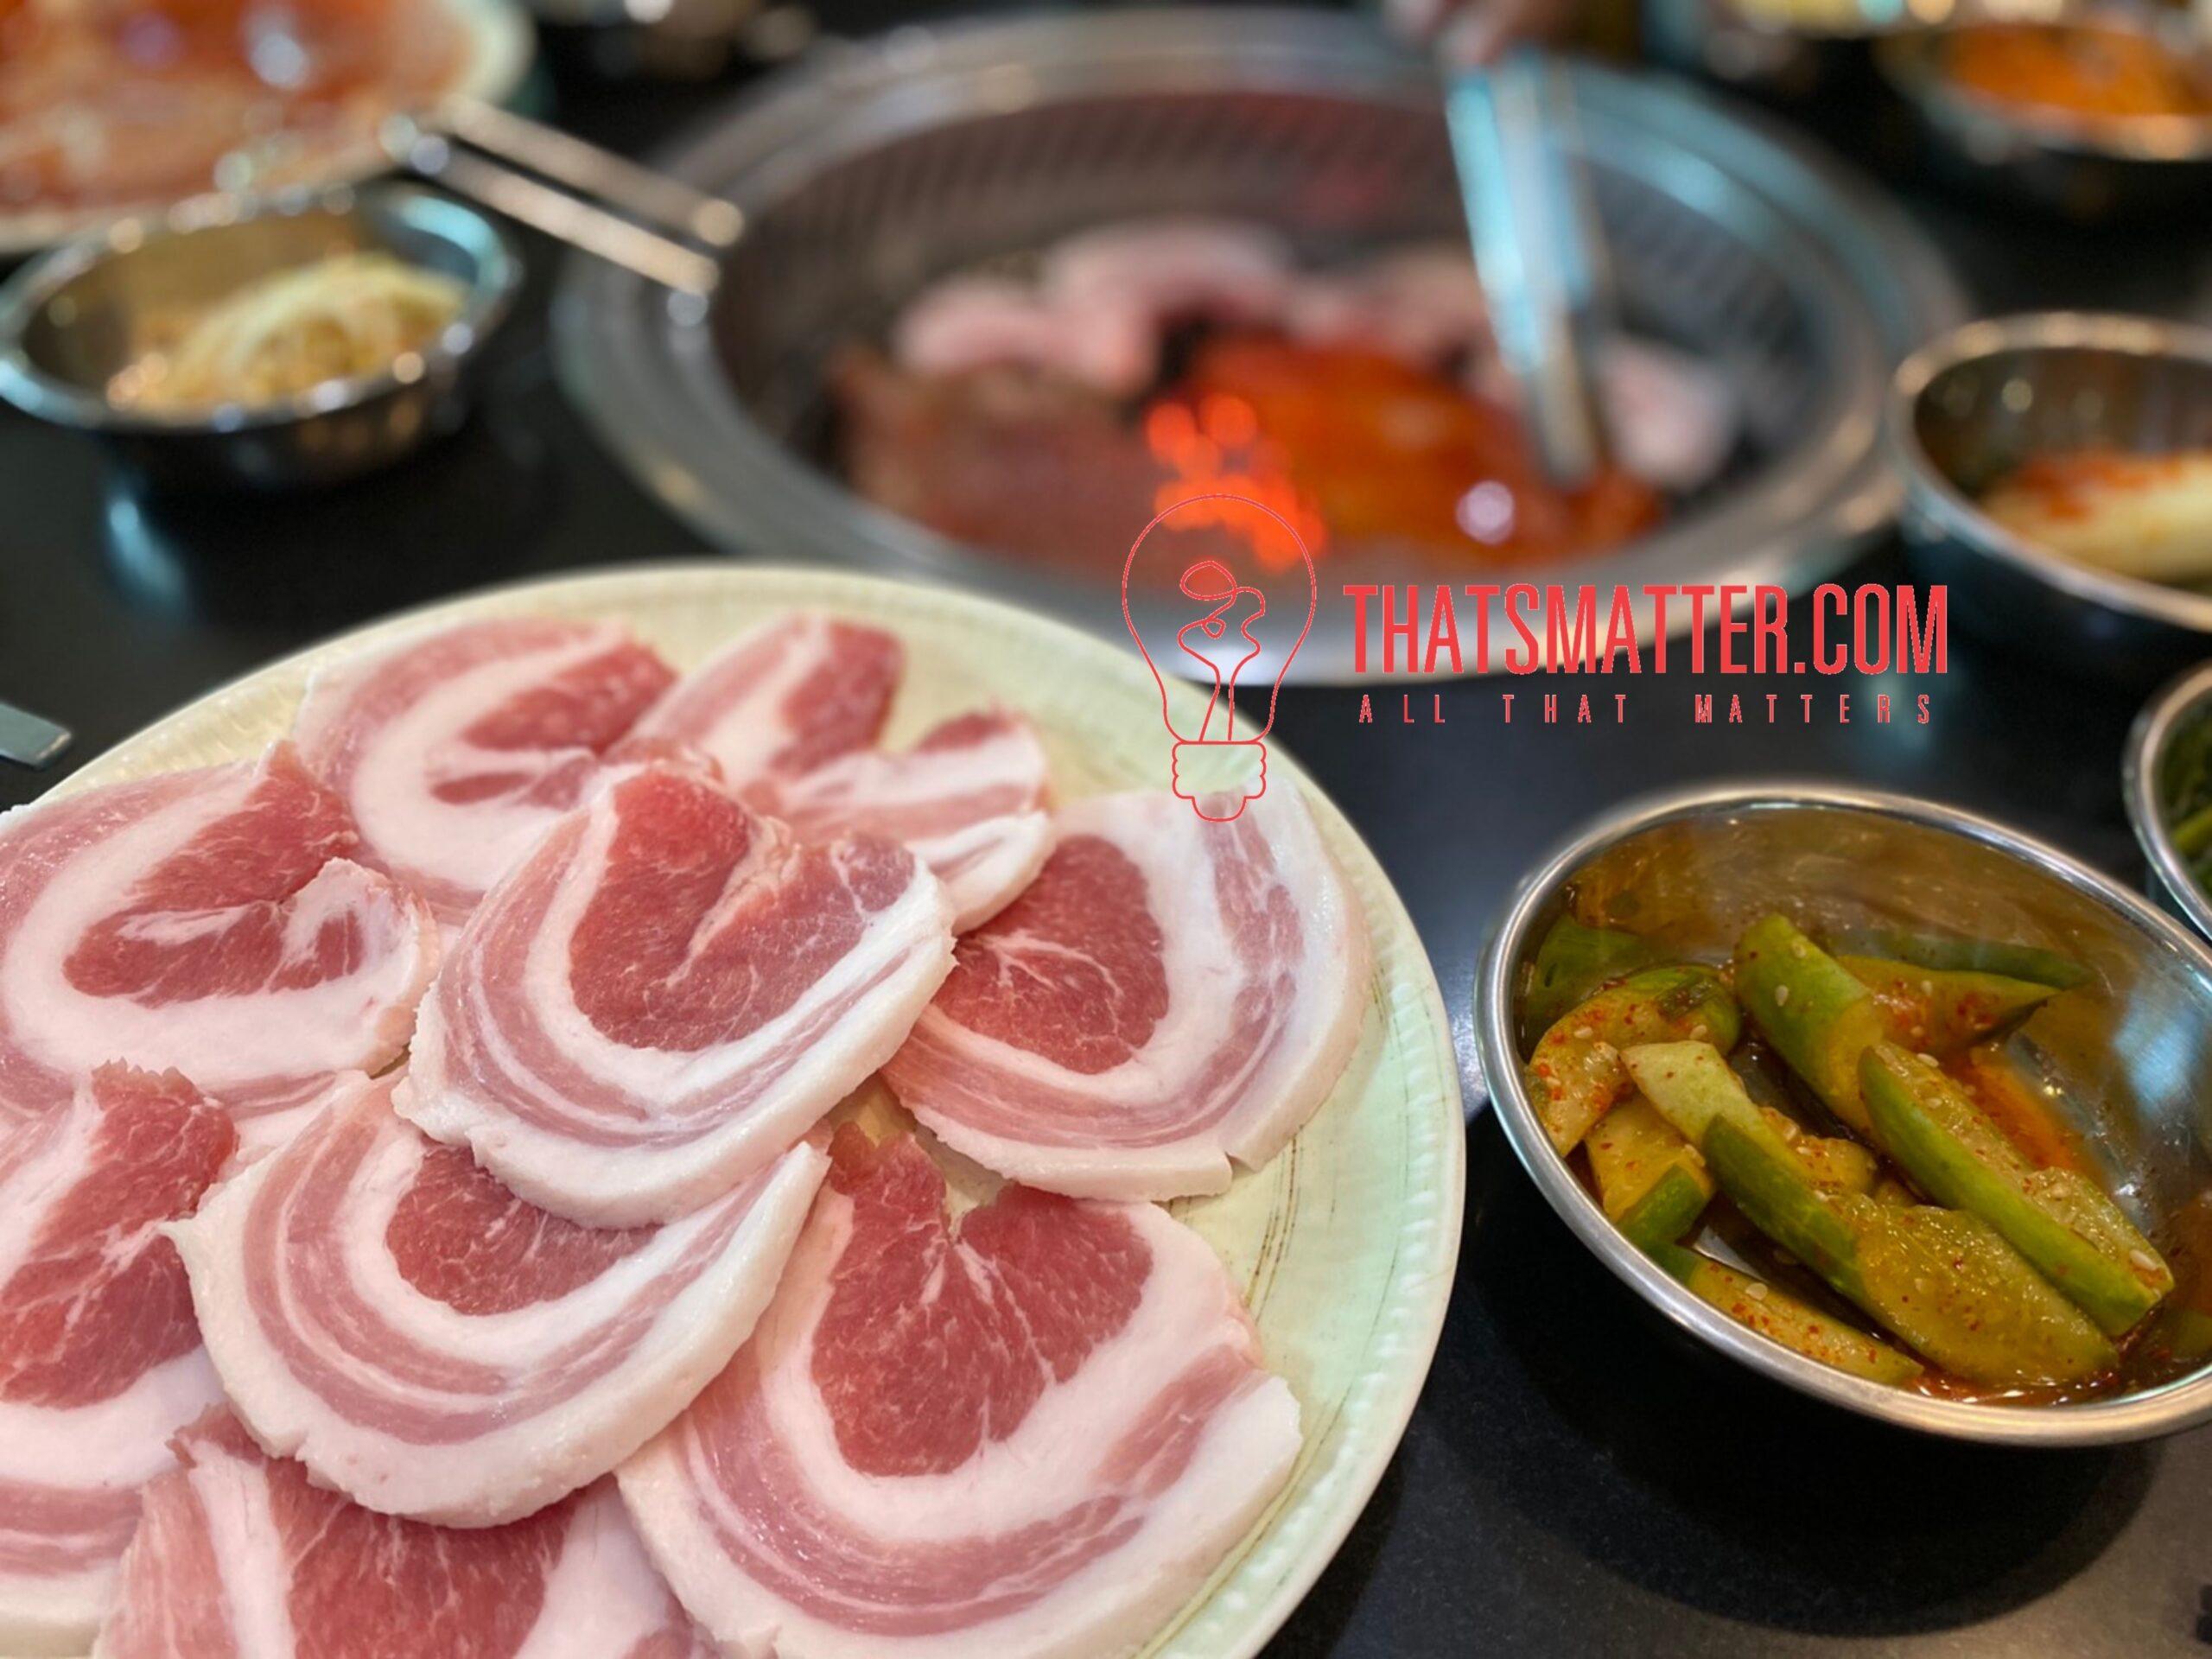 ร้านอาหารเกาหลี อีวาวอน หมูสามชั้น (130 บาท)